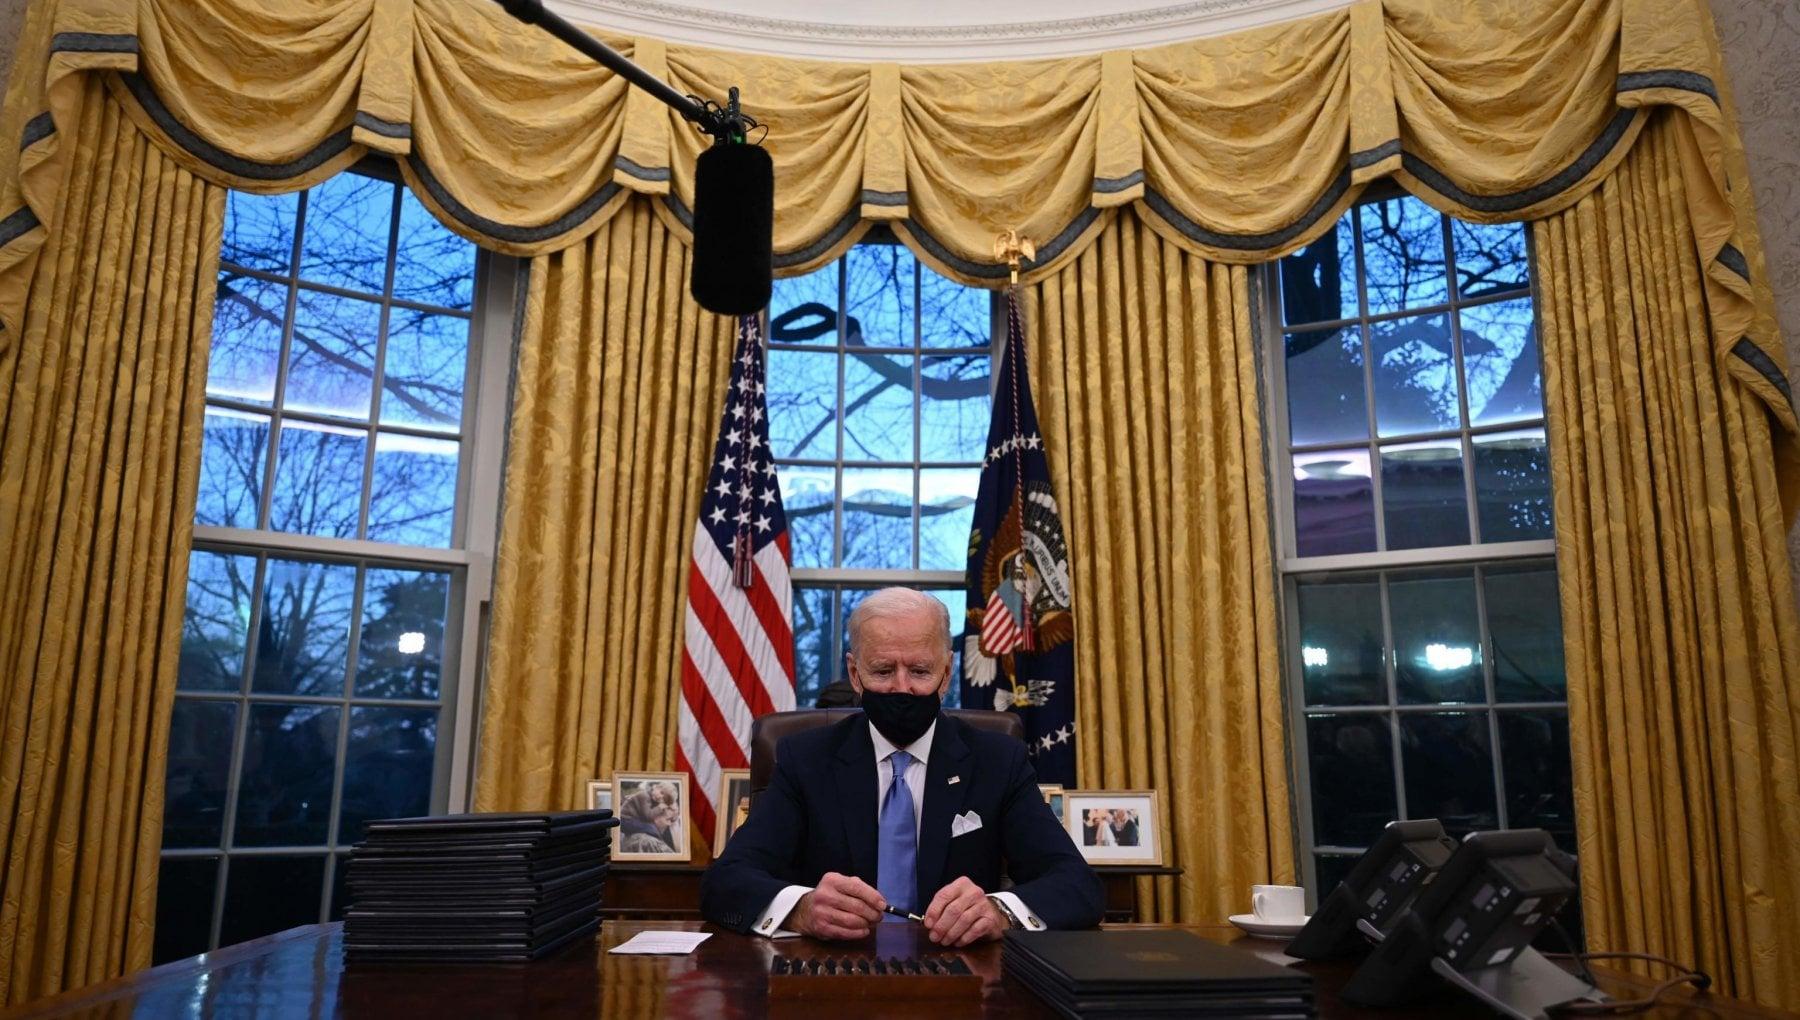 Larrivo di Joe e Jill Biden alla Casa Bianca le porte restano chiuse per 10 lunghi secondi